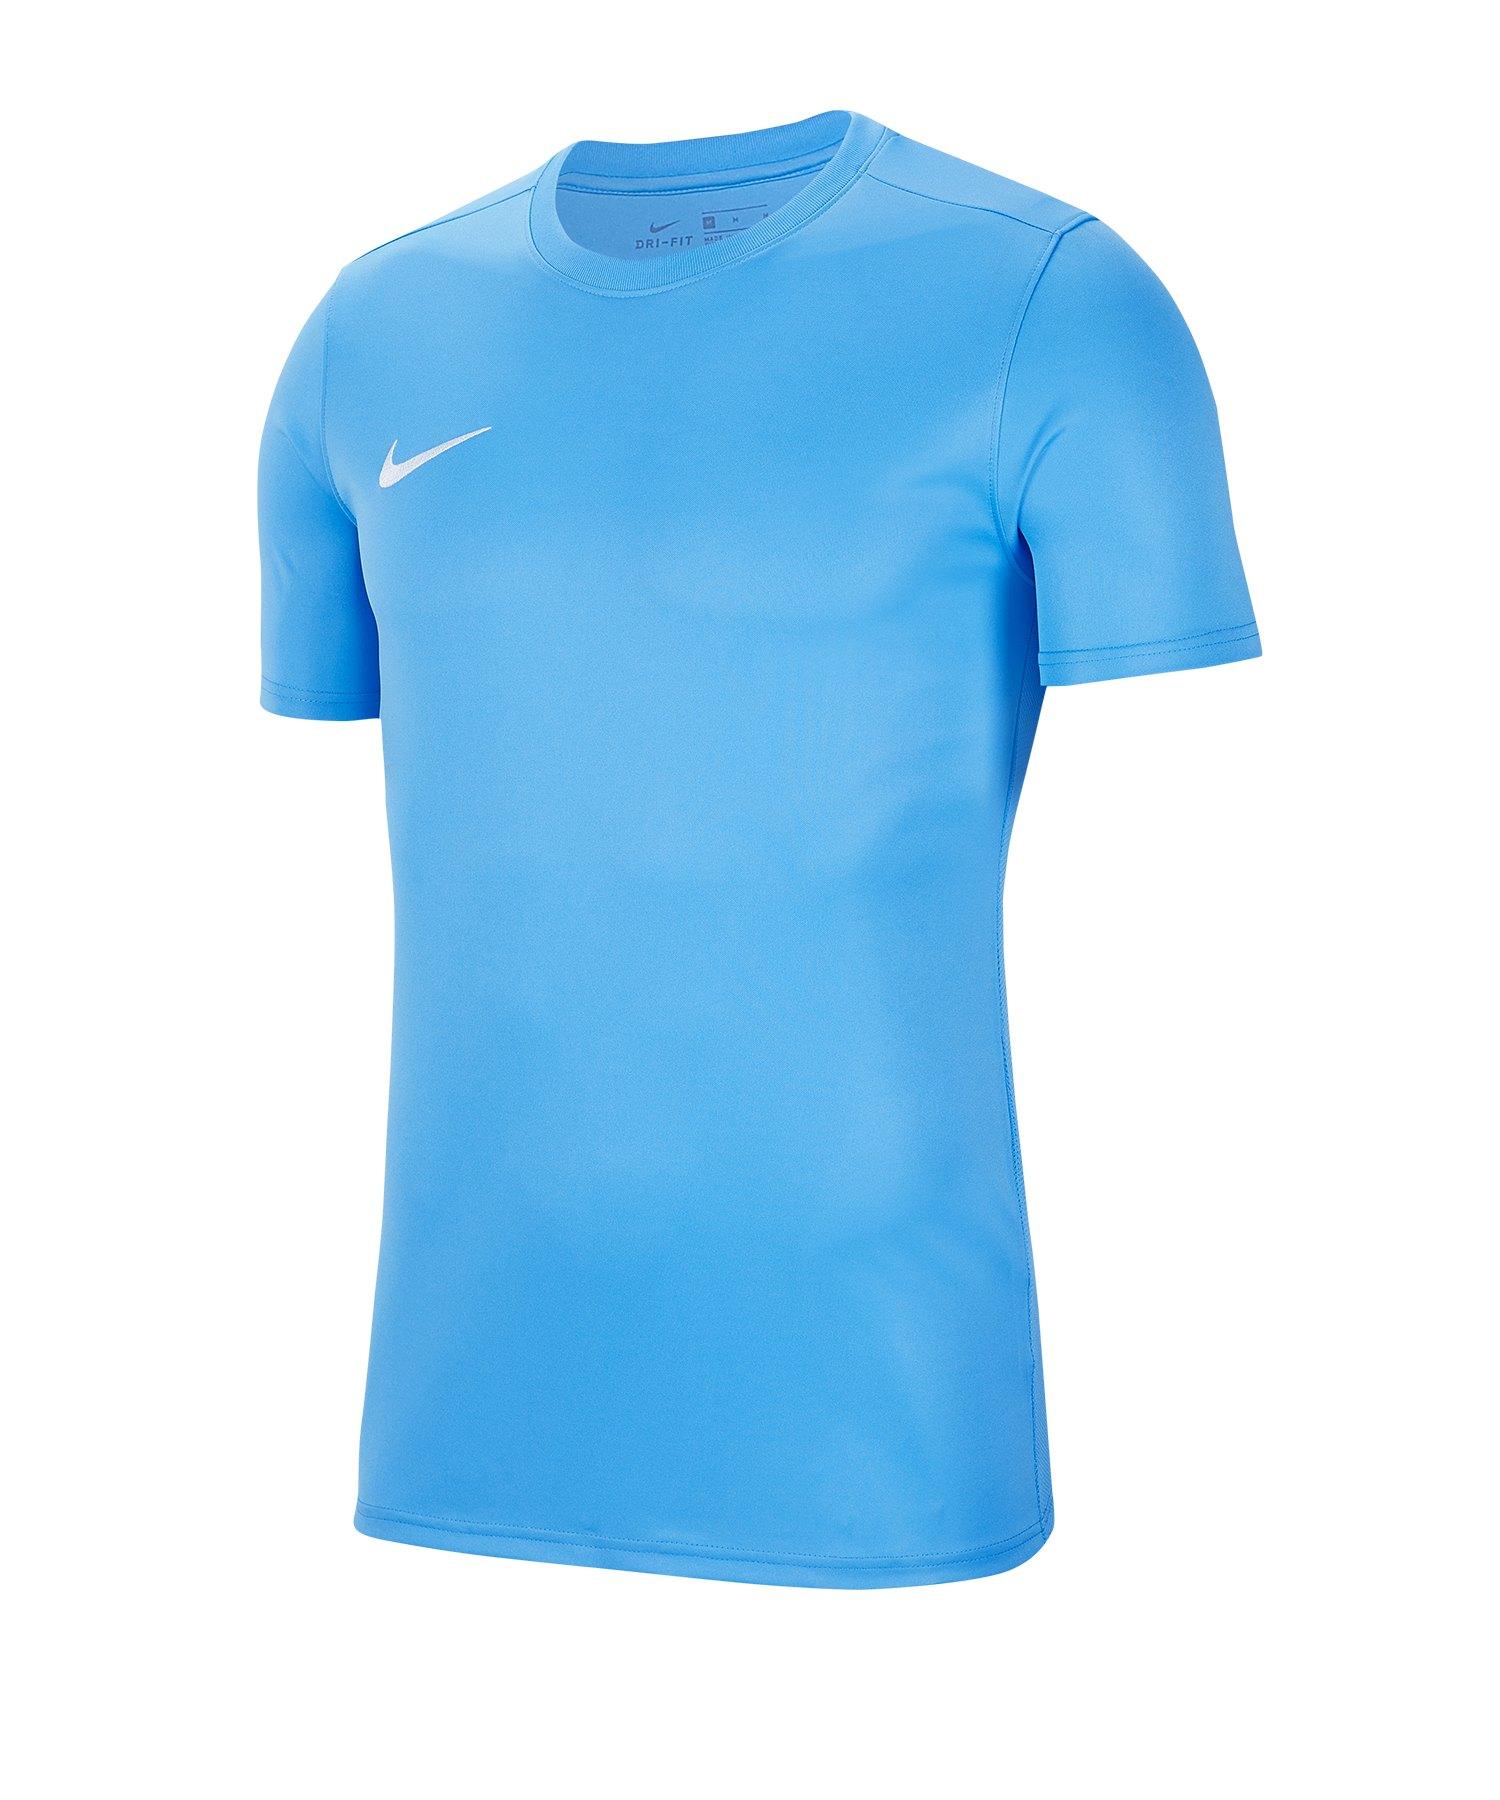 Nike Park VII Trikot kurzarm Kids Blau F412 - blau